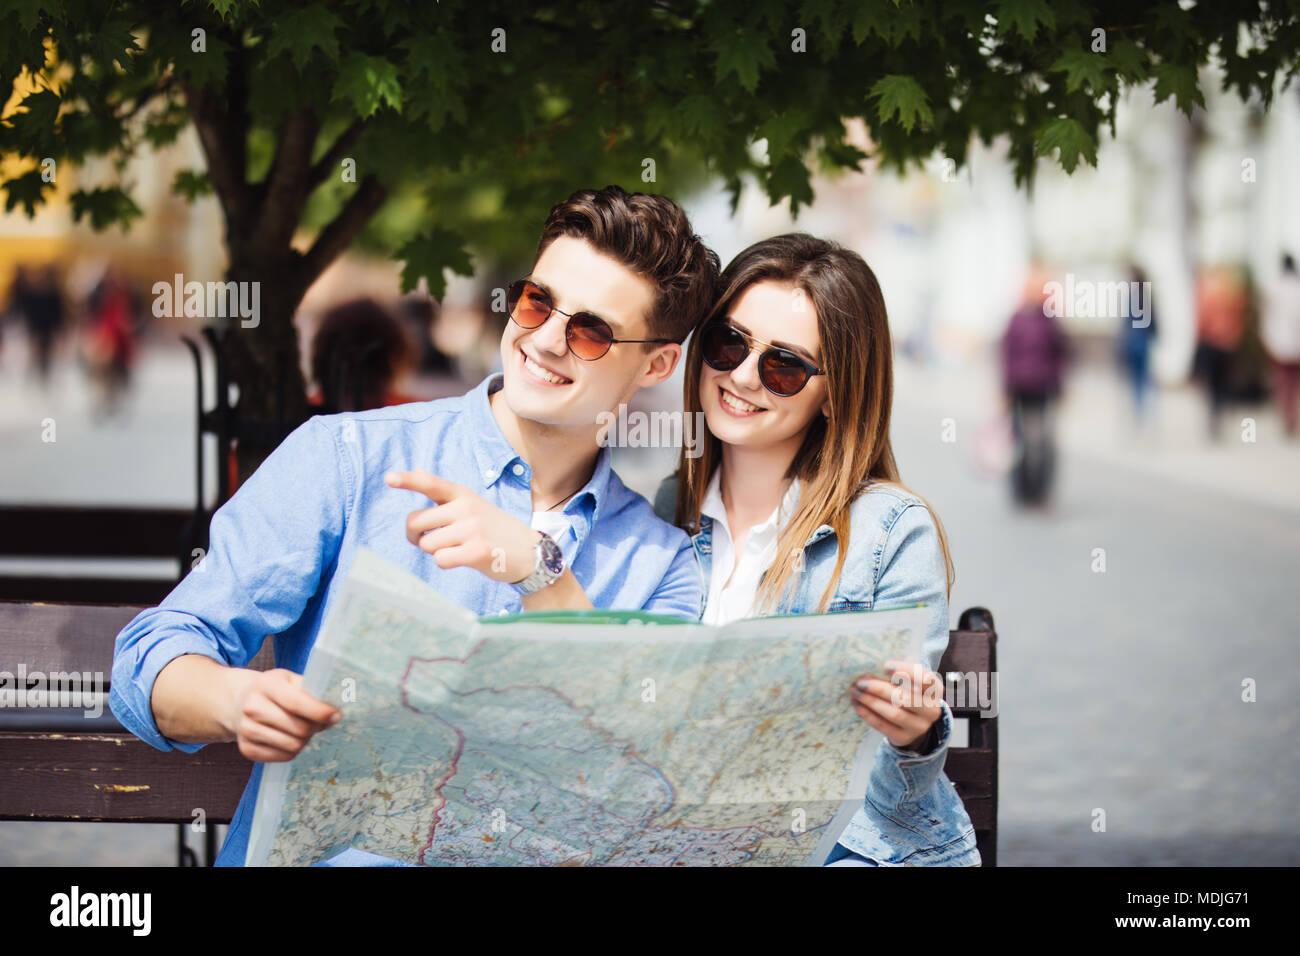 Par de turistas buscando ubicación sentado en un banco durante un viaje de verano Imagen De Stock